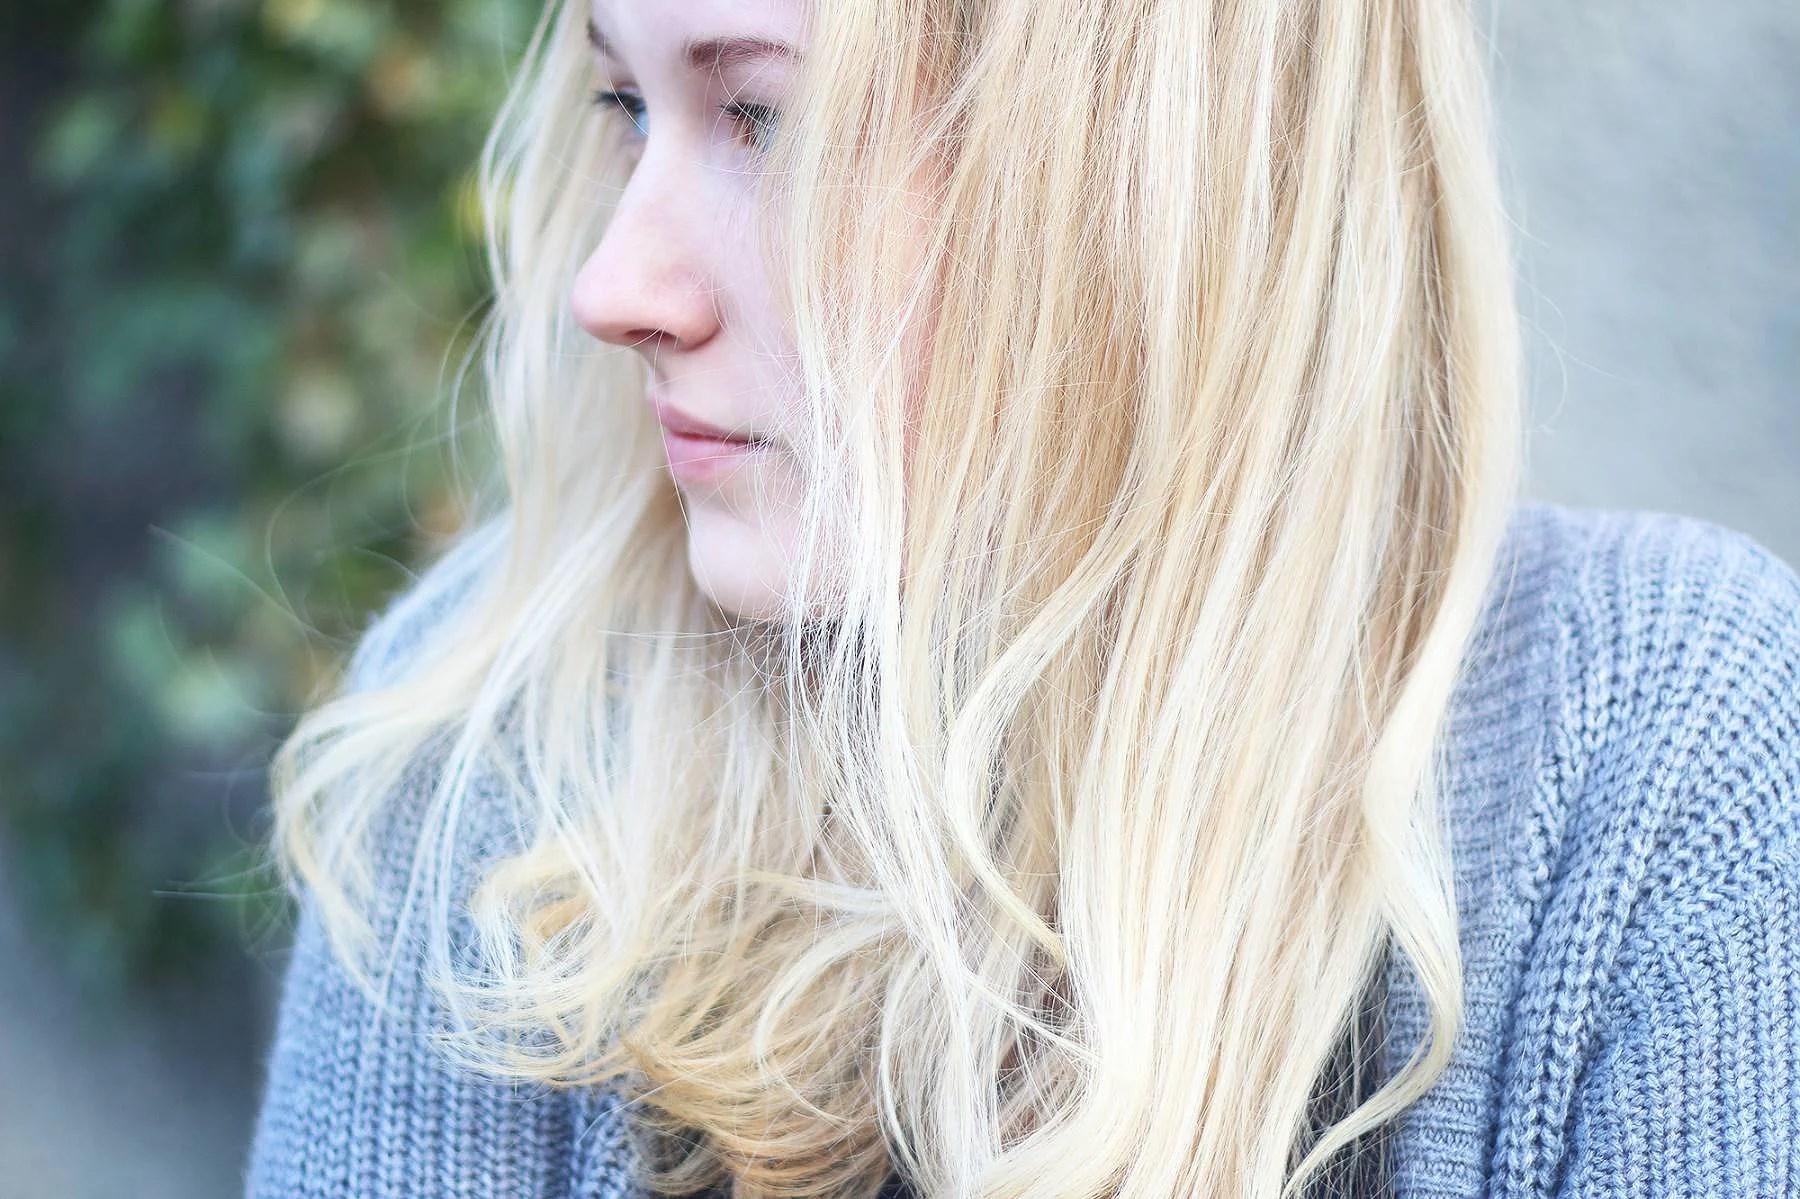 Några nyanser blondare